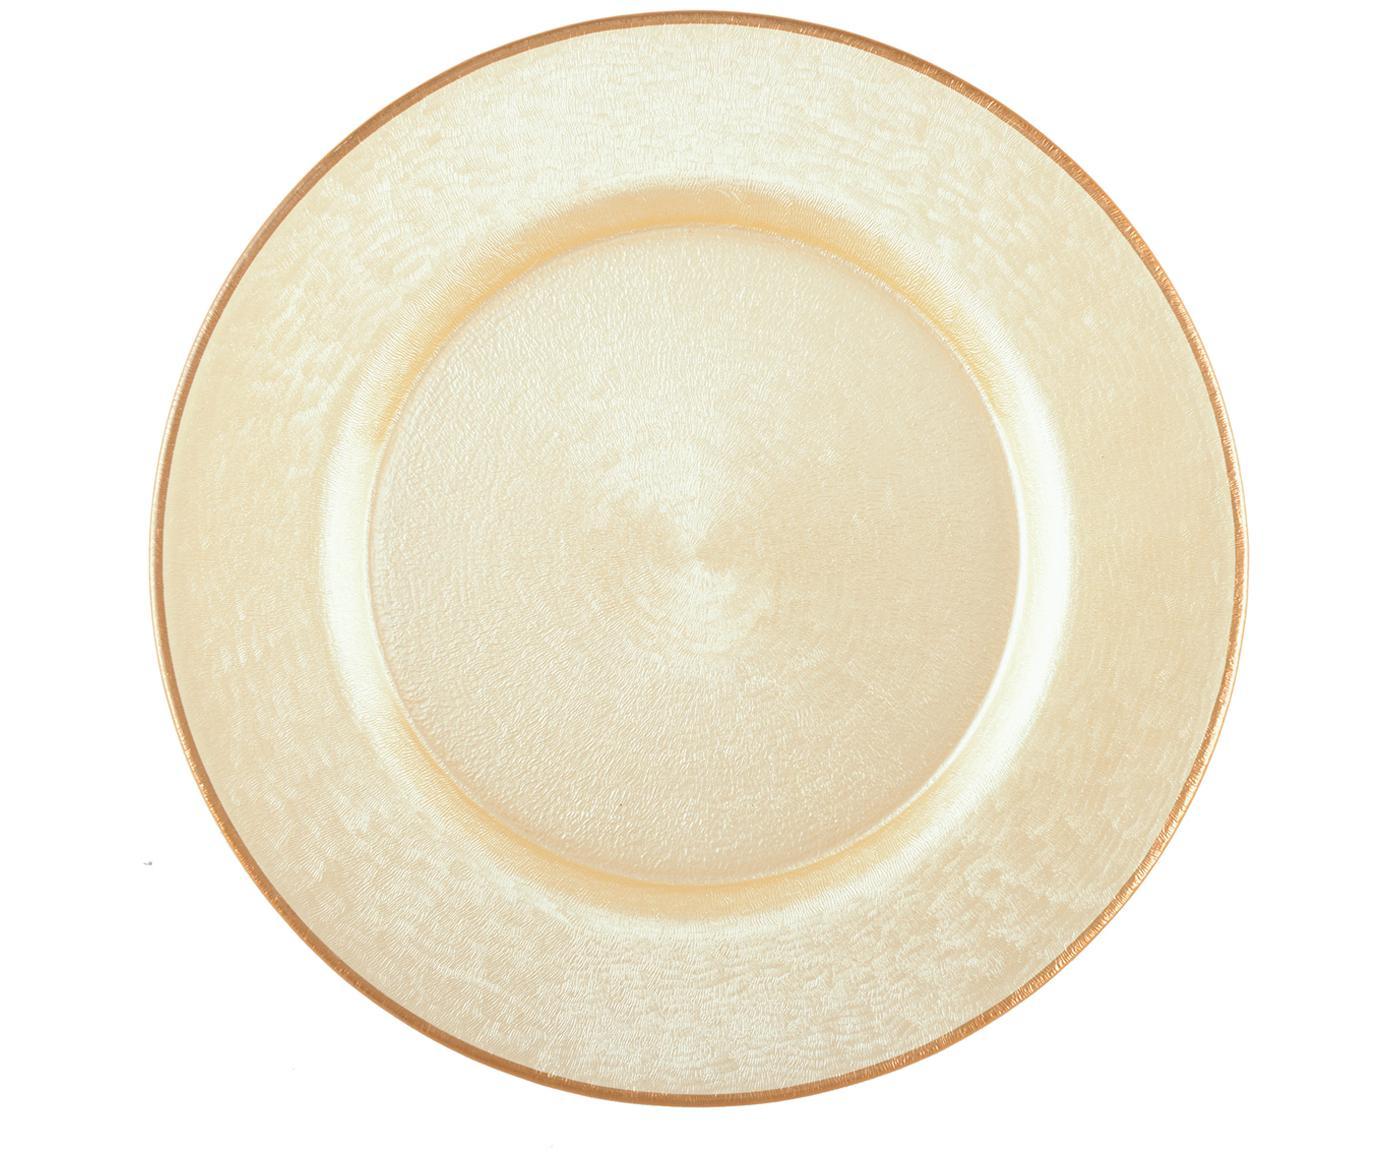 Sottopiatto in vetro marrone chiaro Vanilla, Vetro, Beige chiaro, marrone chiaro, Ø 33 cm